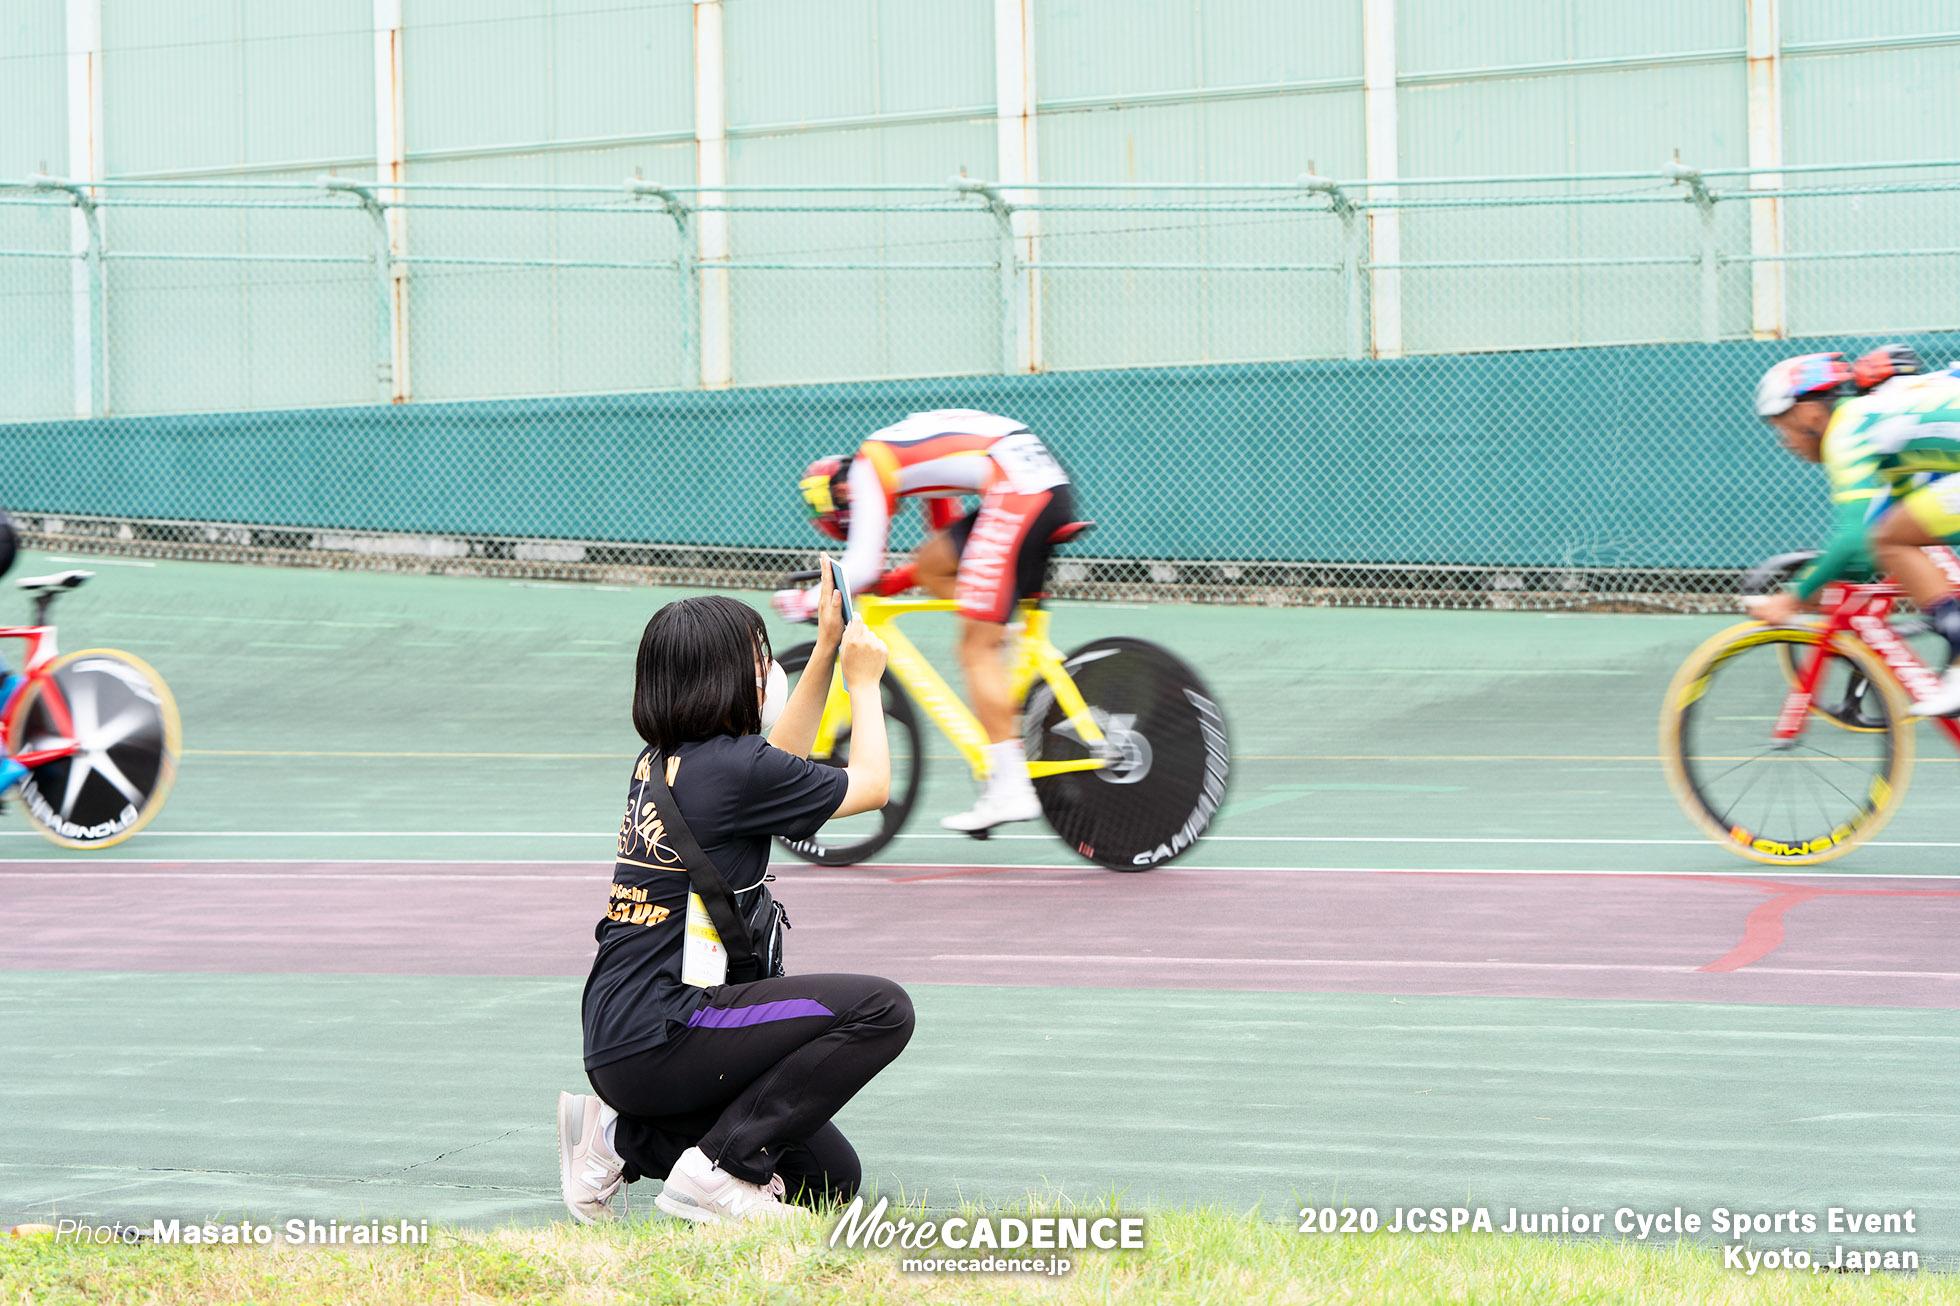 ジュニアサイクルスポーツ大会 ポイントレース